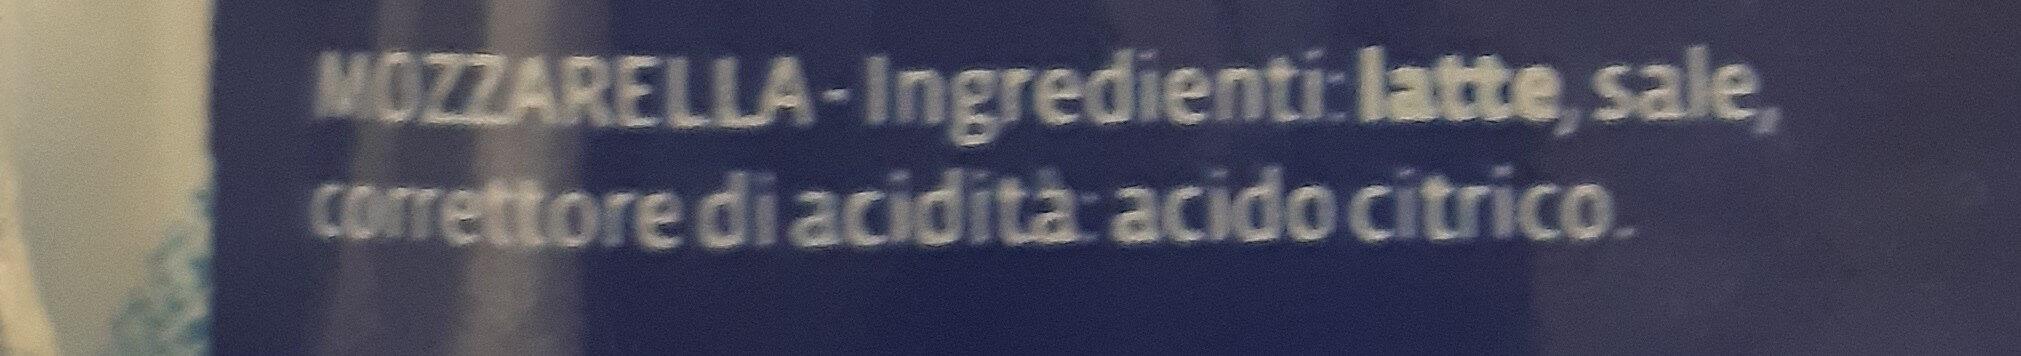 Mozarella Santa Lucia - Ingredients - it